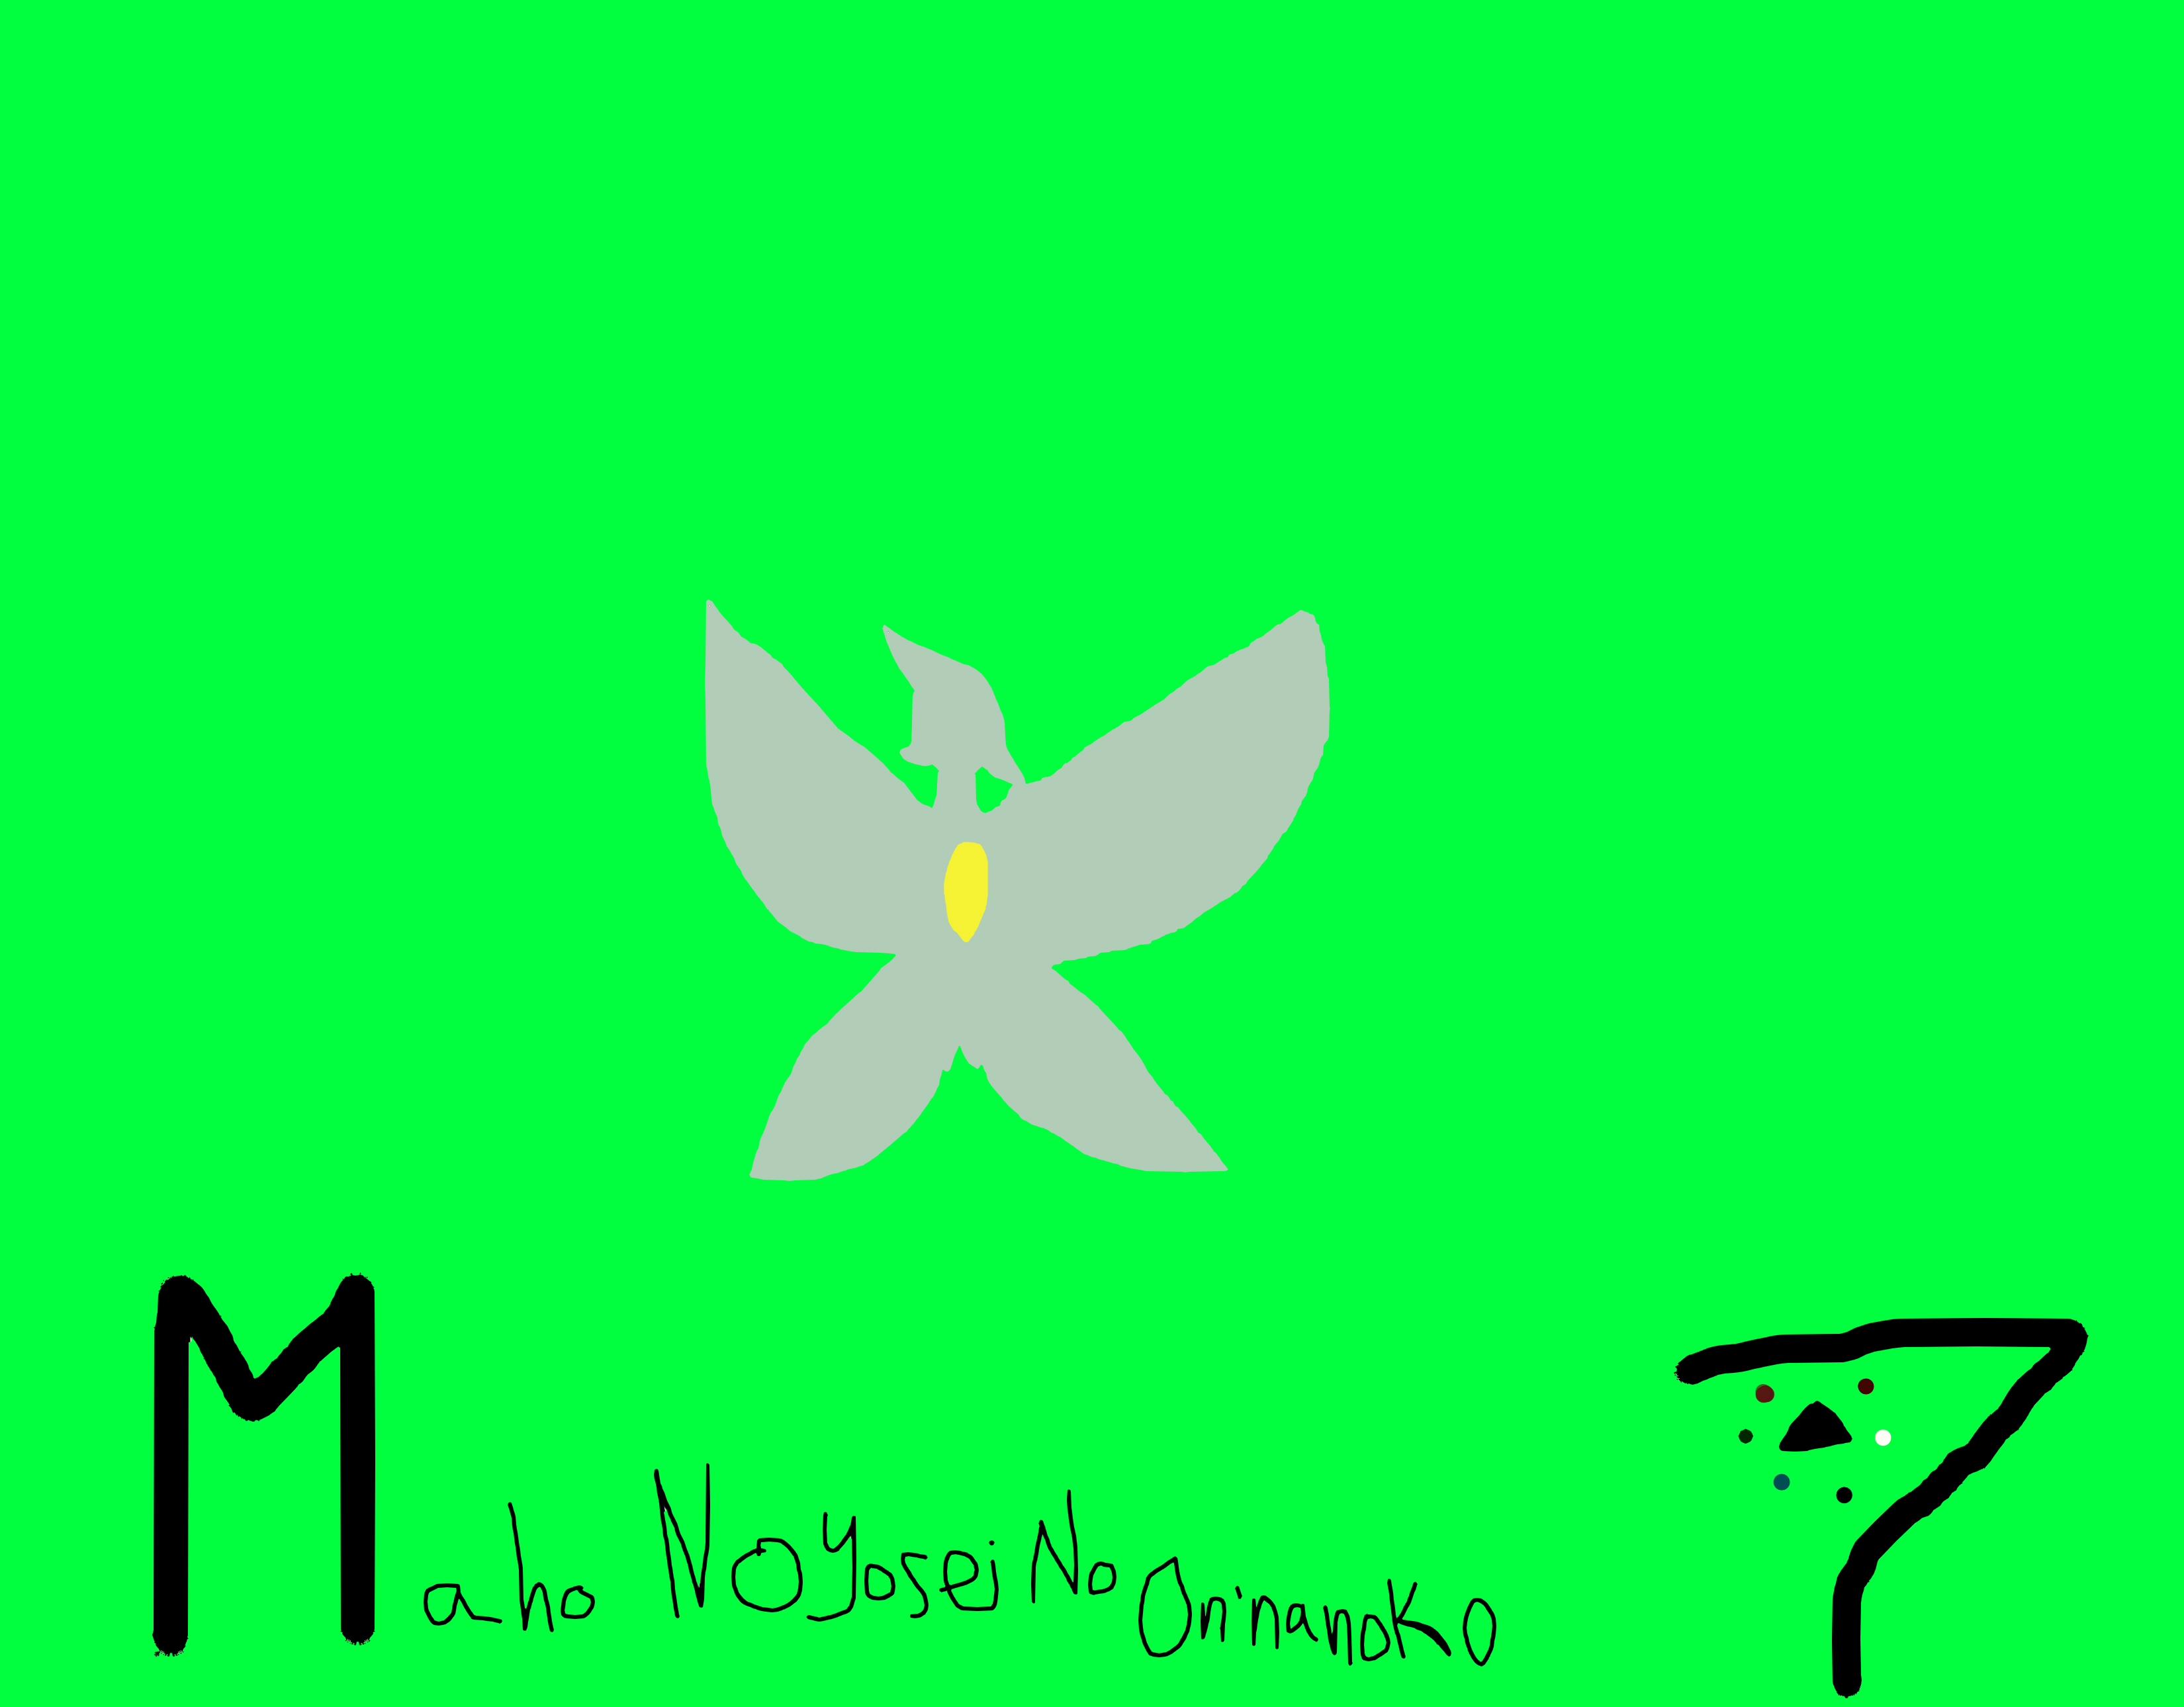 Maho no yosei no on 7 Prelude by Steamland